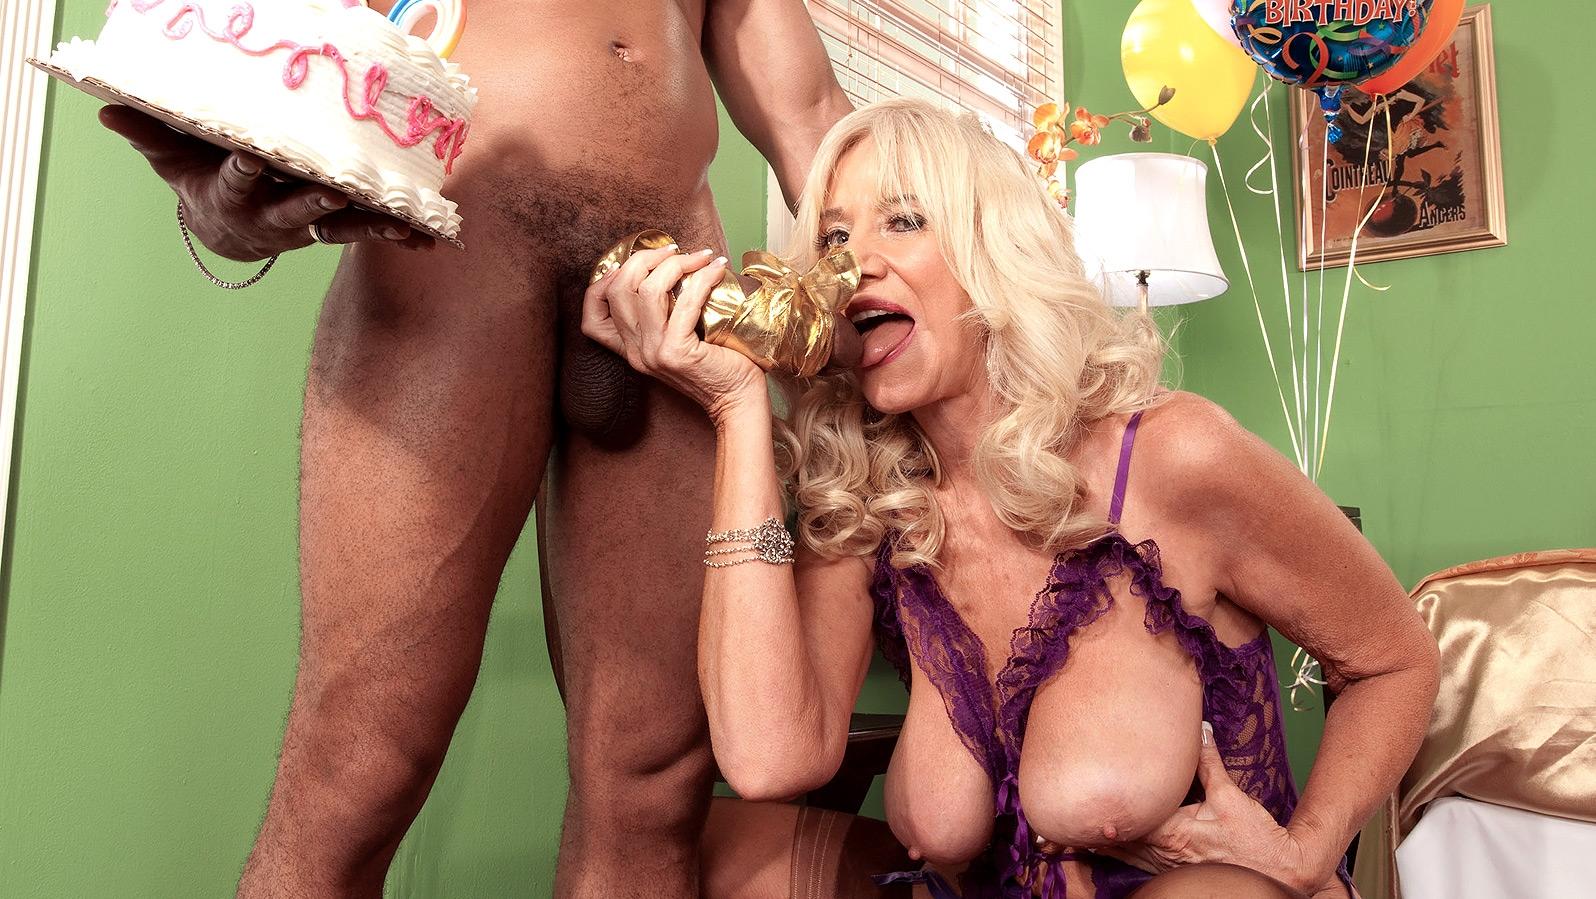 Муж жене на день рождения порно